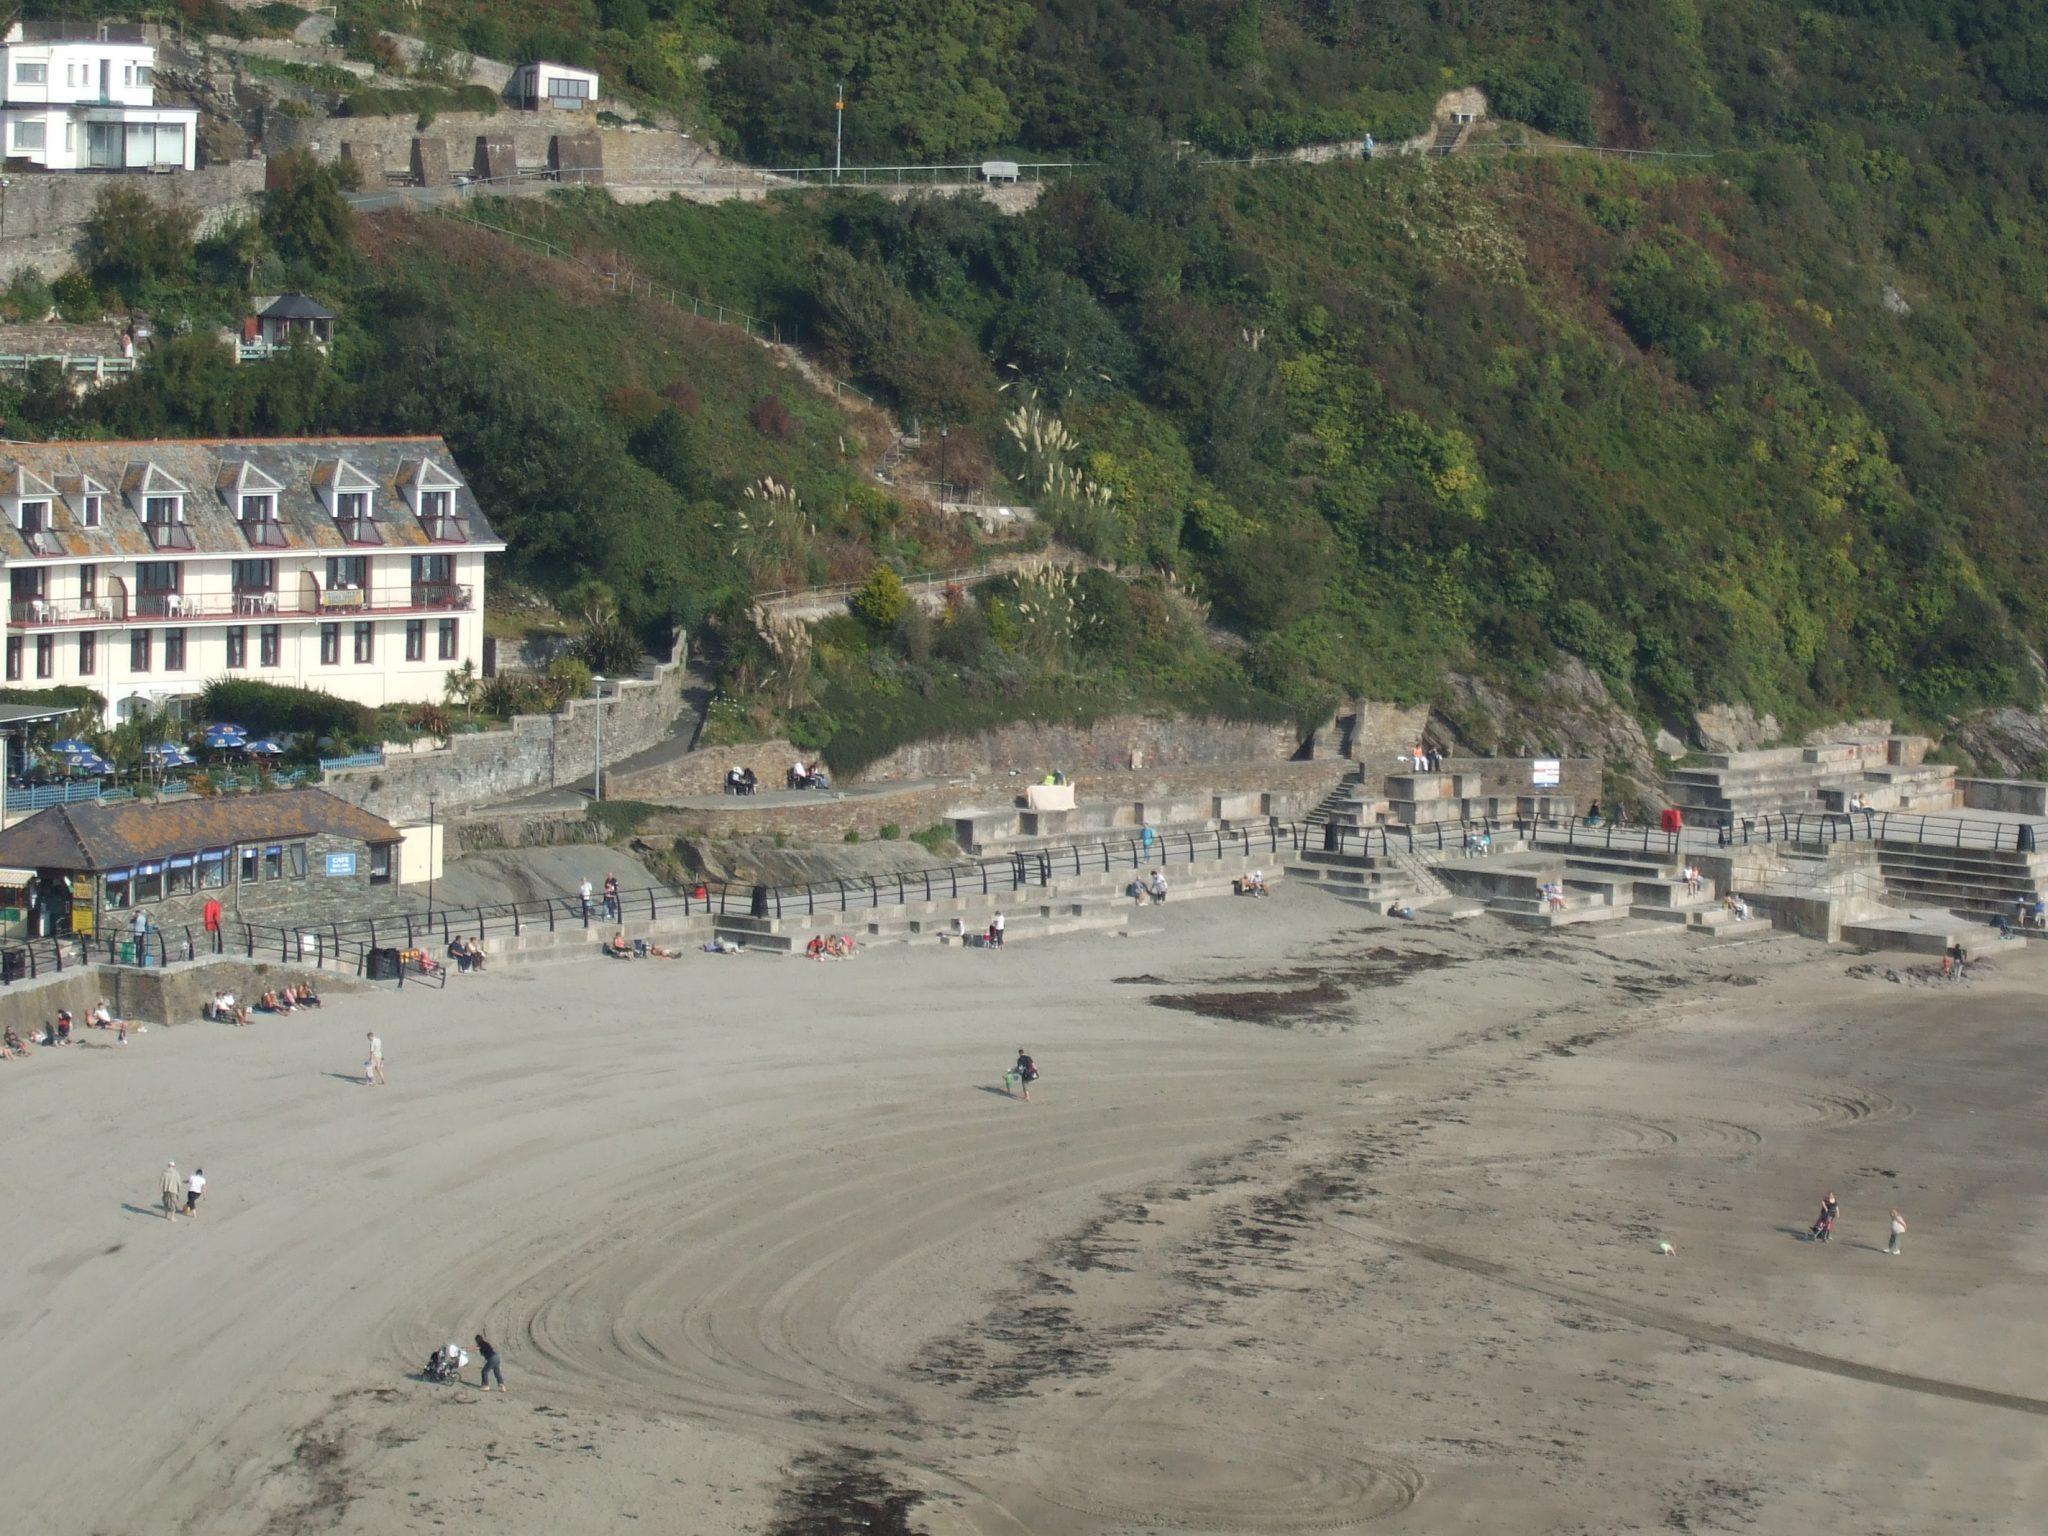 Original View